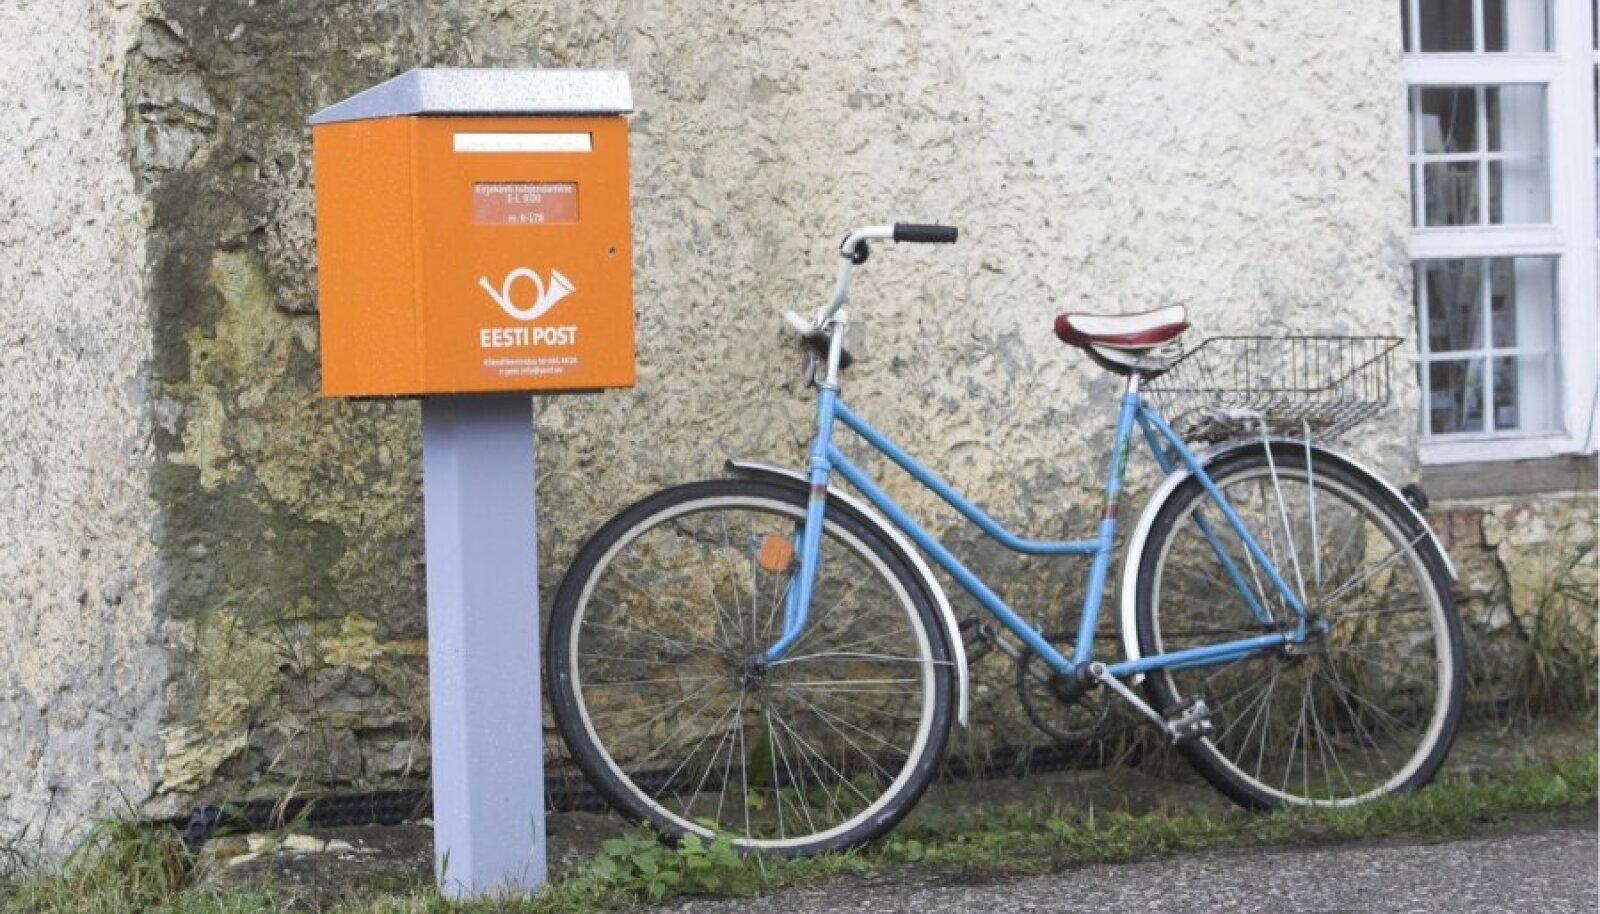 Vana hea postkast